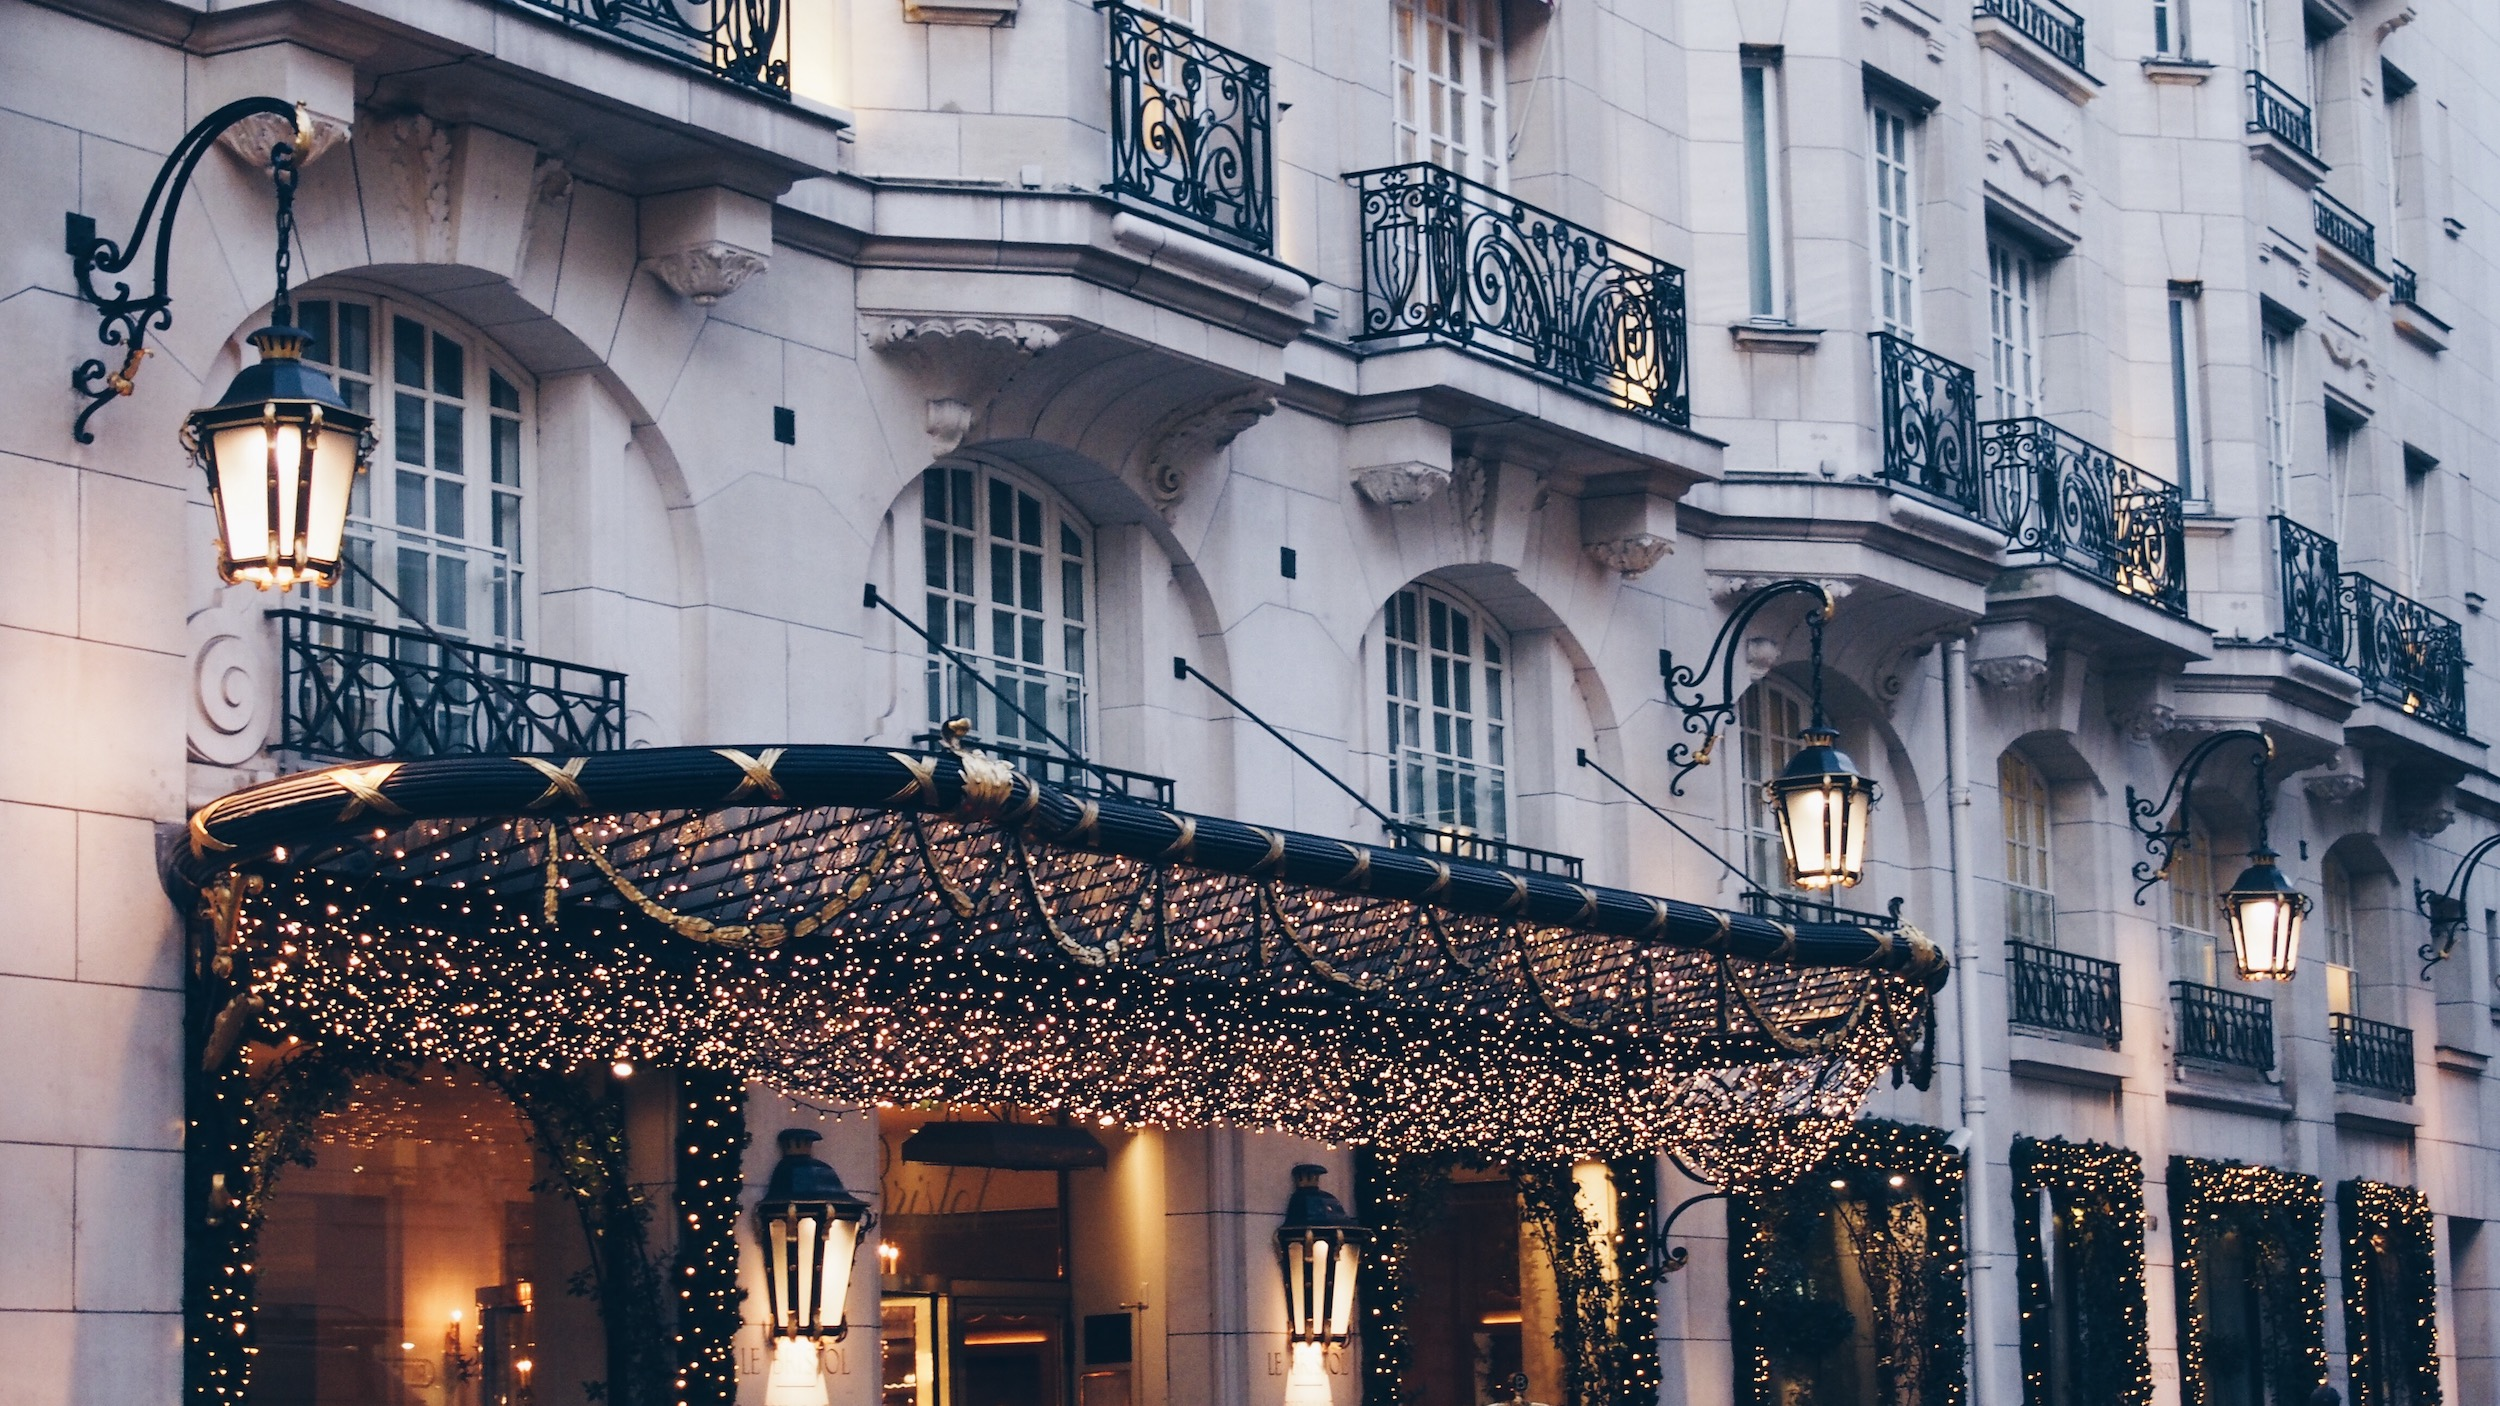 Séjour parisien … Sortir, manger, balader